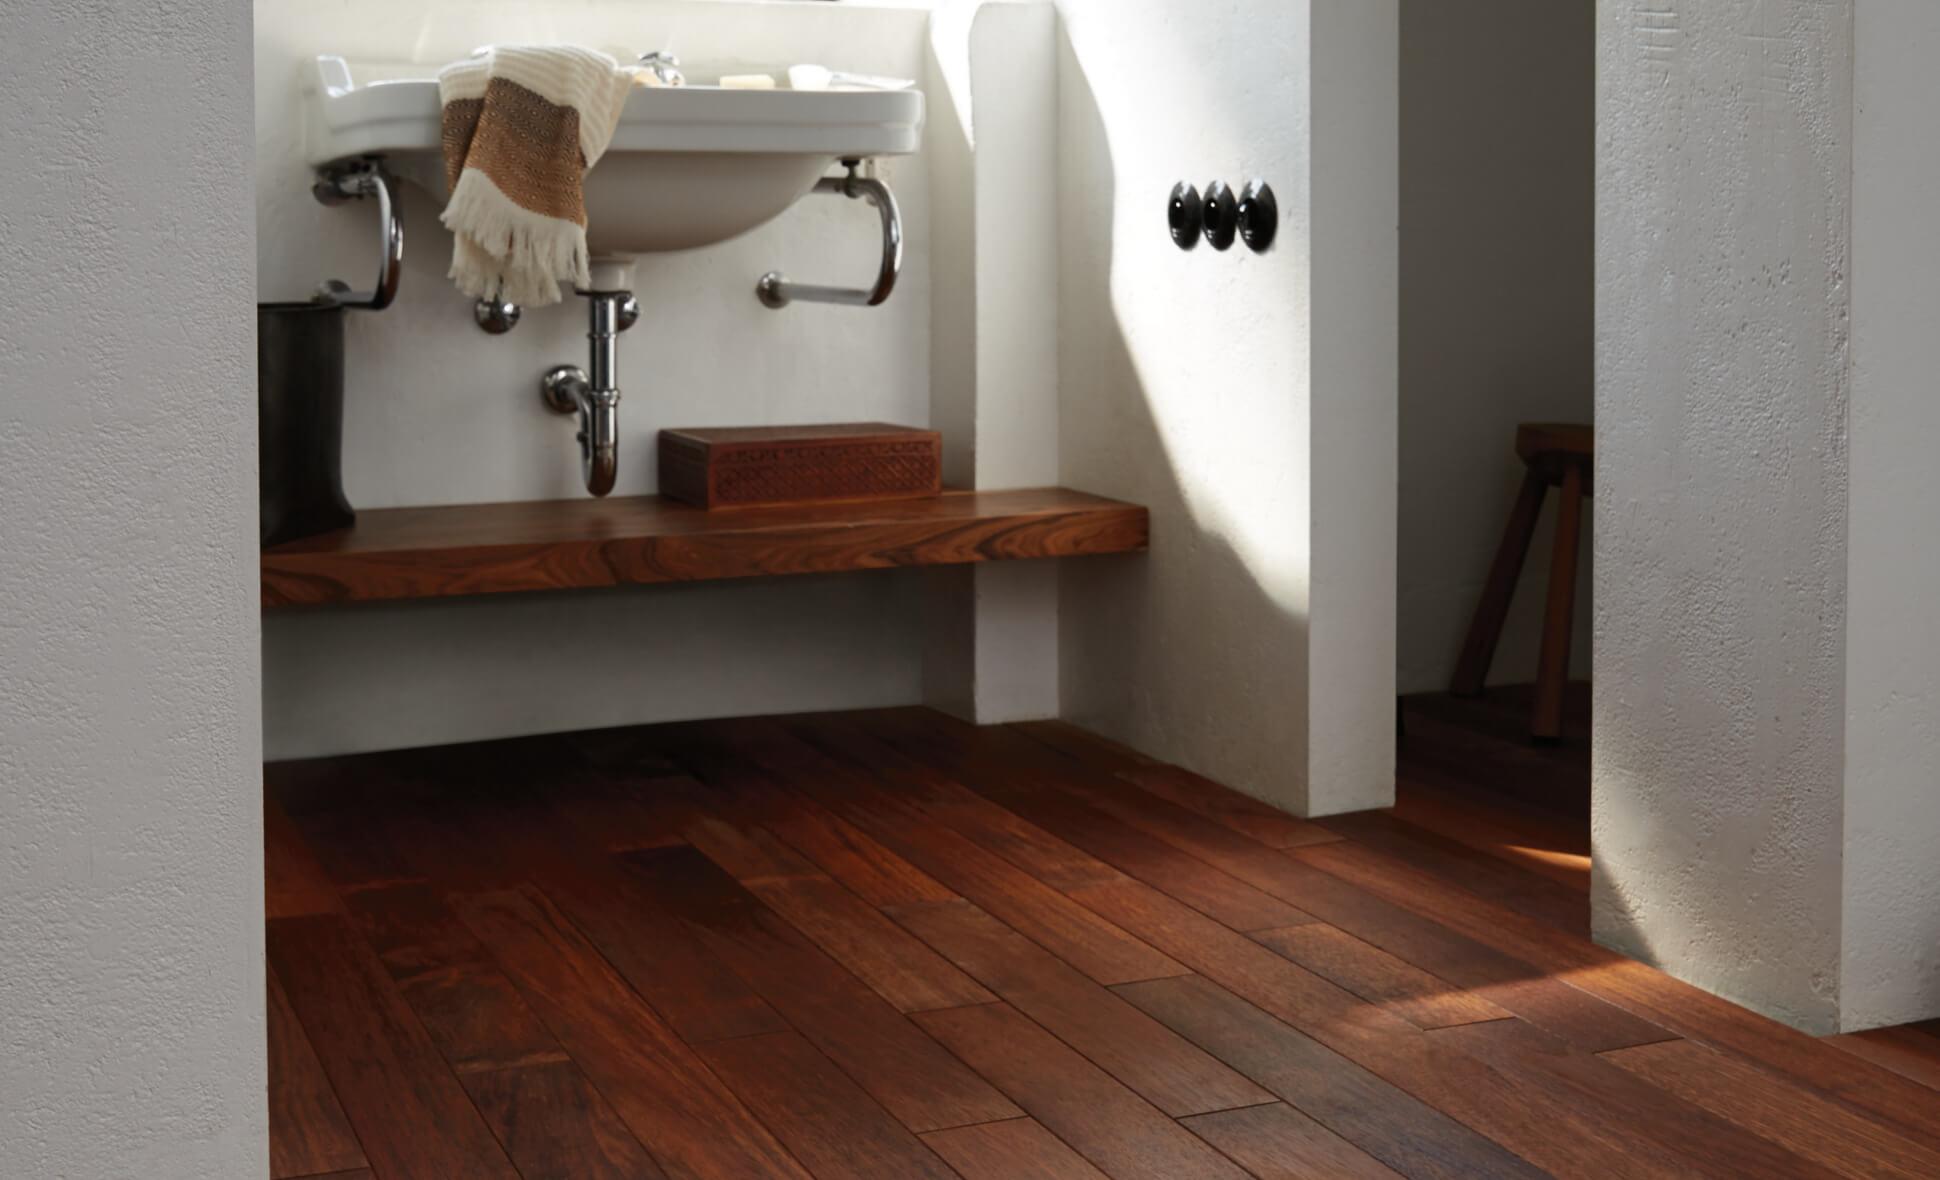 Le parquet dans la cuisine quel bois choisir Saint Maclou